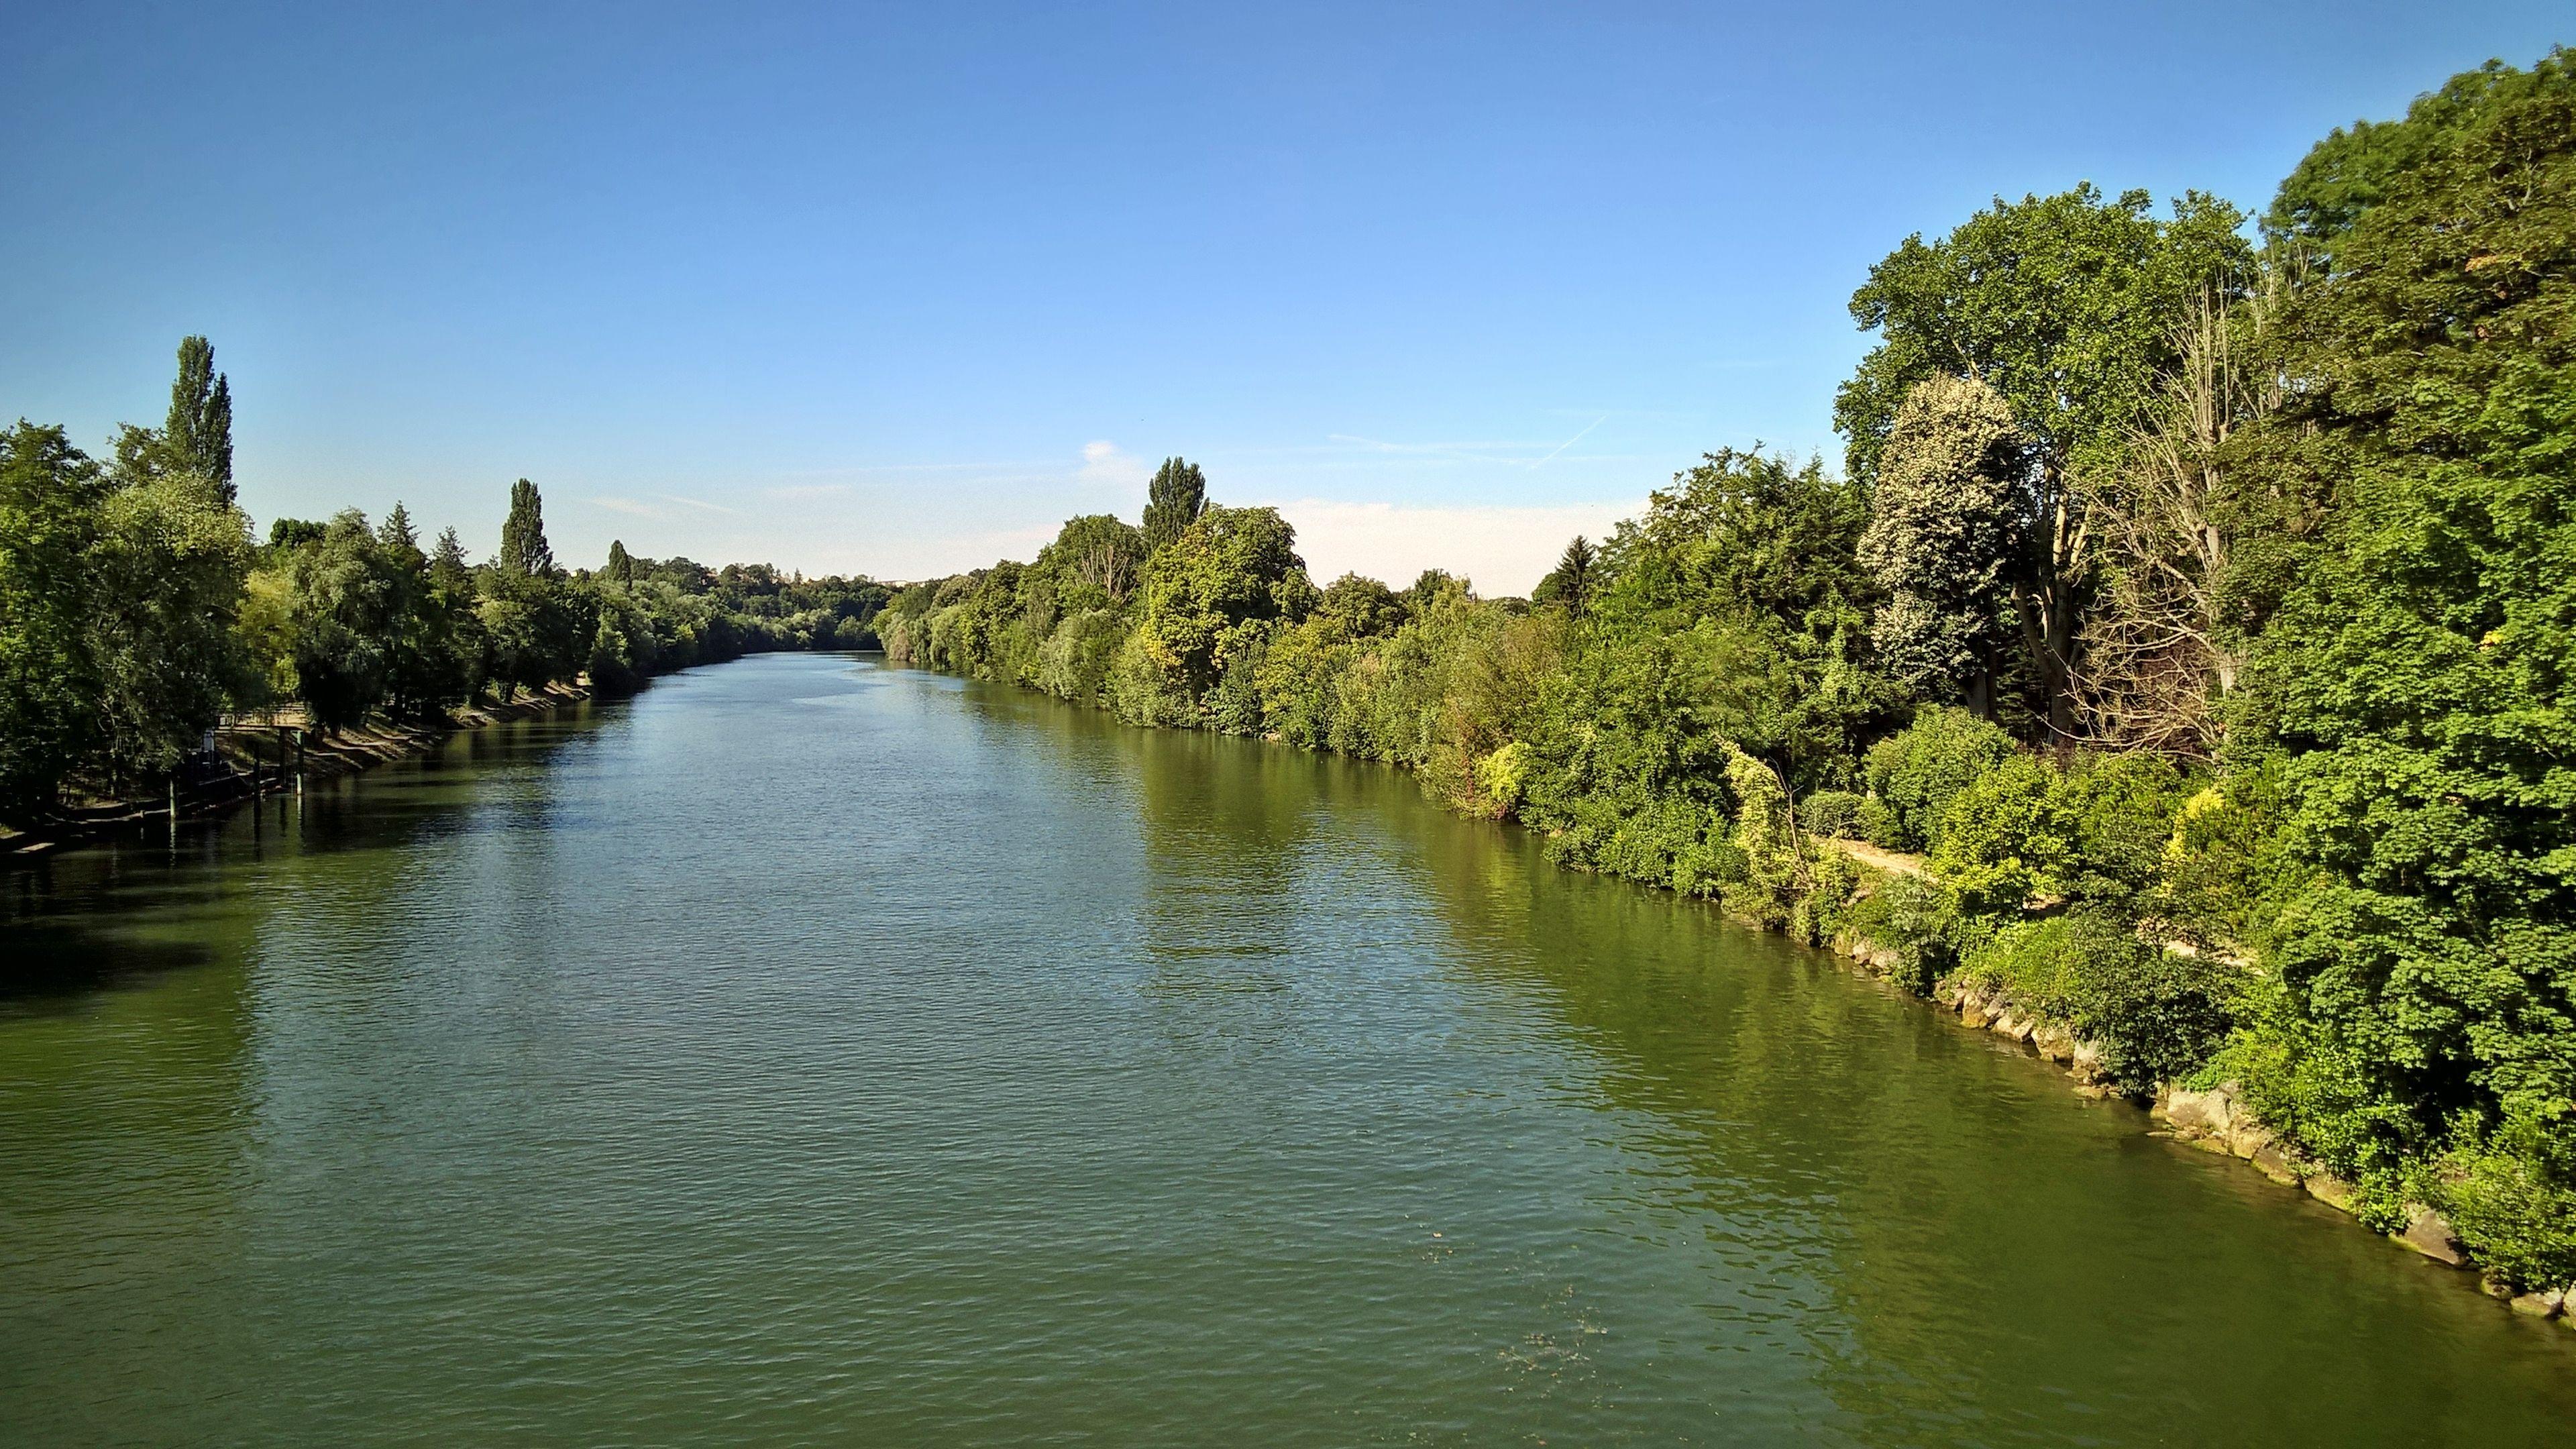 Sur le pont d'Auvers-sur-Oise.